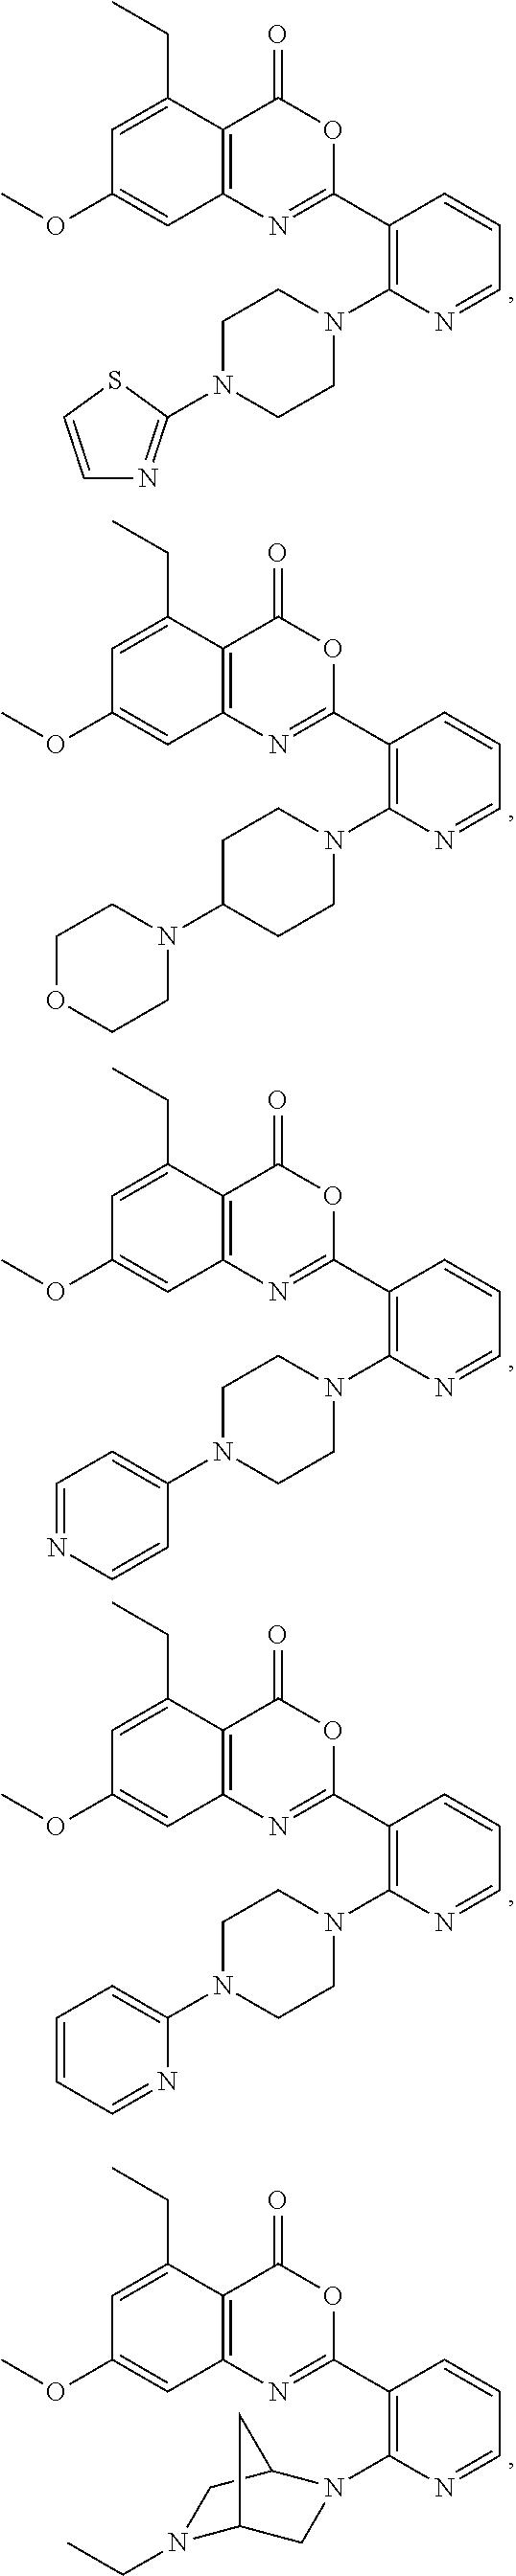 Figure US07879846-20110201-C00417